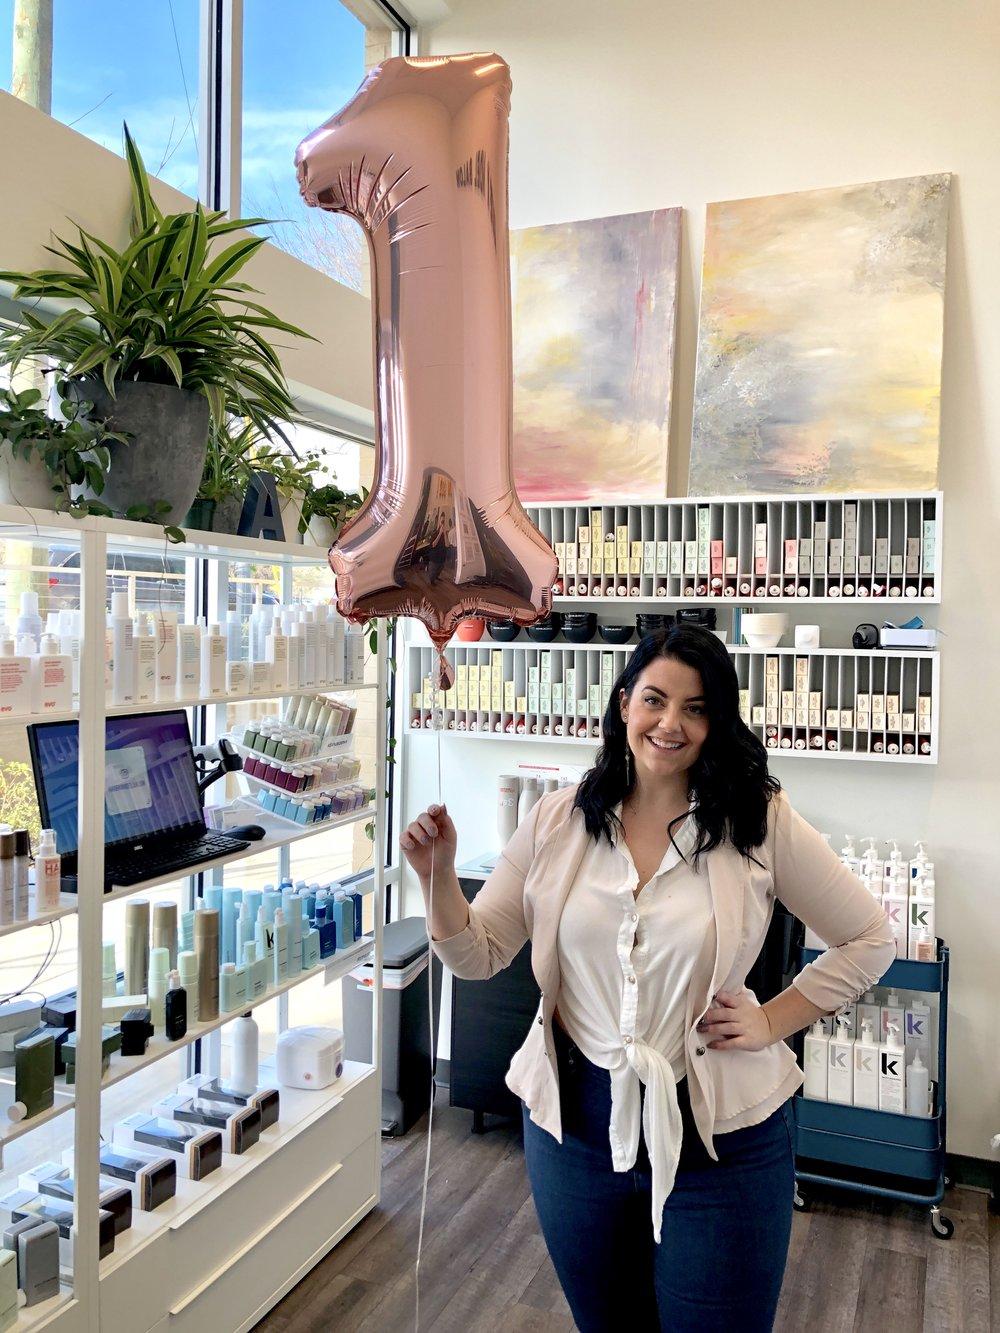 Kate Kandel | Owner and Stylist at Kate Kandel Salon